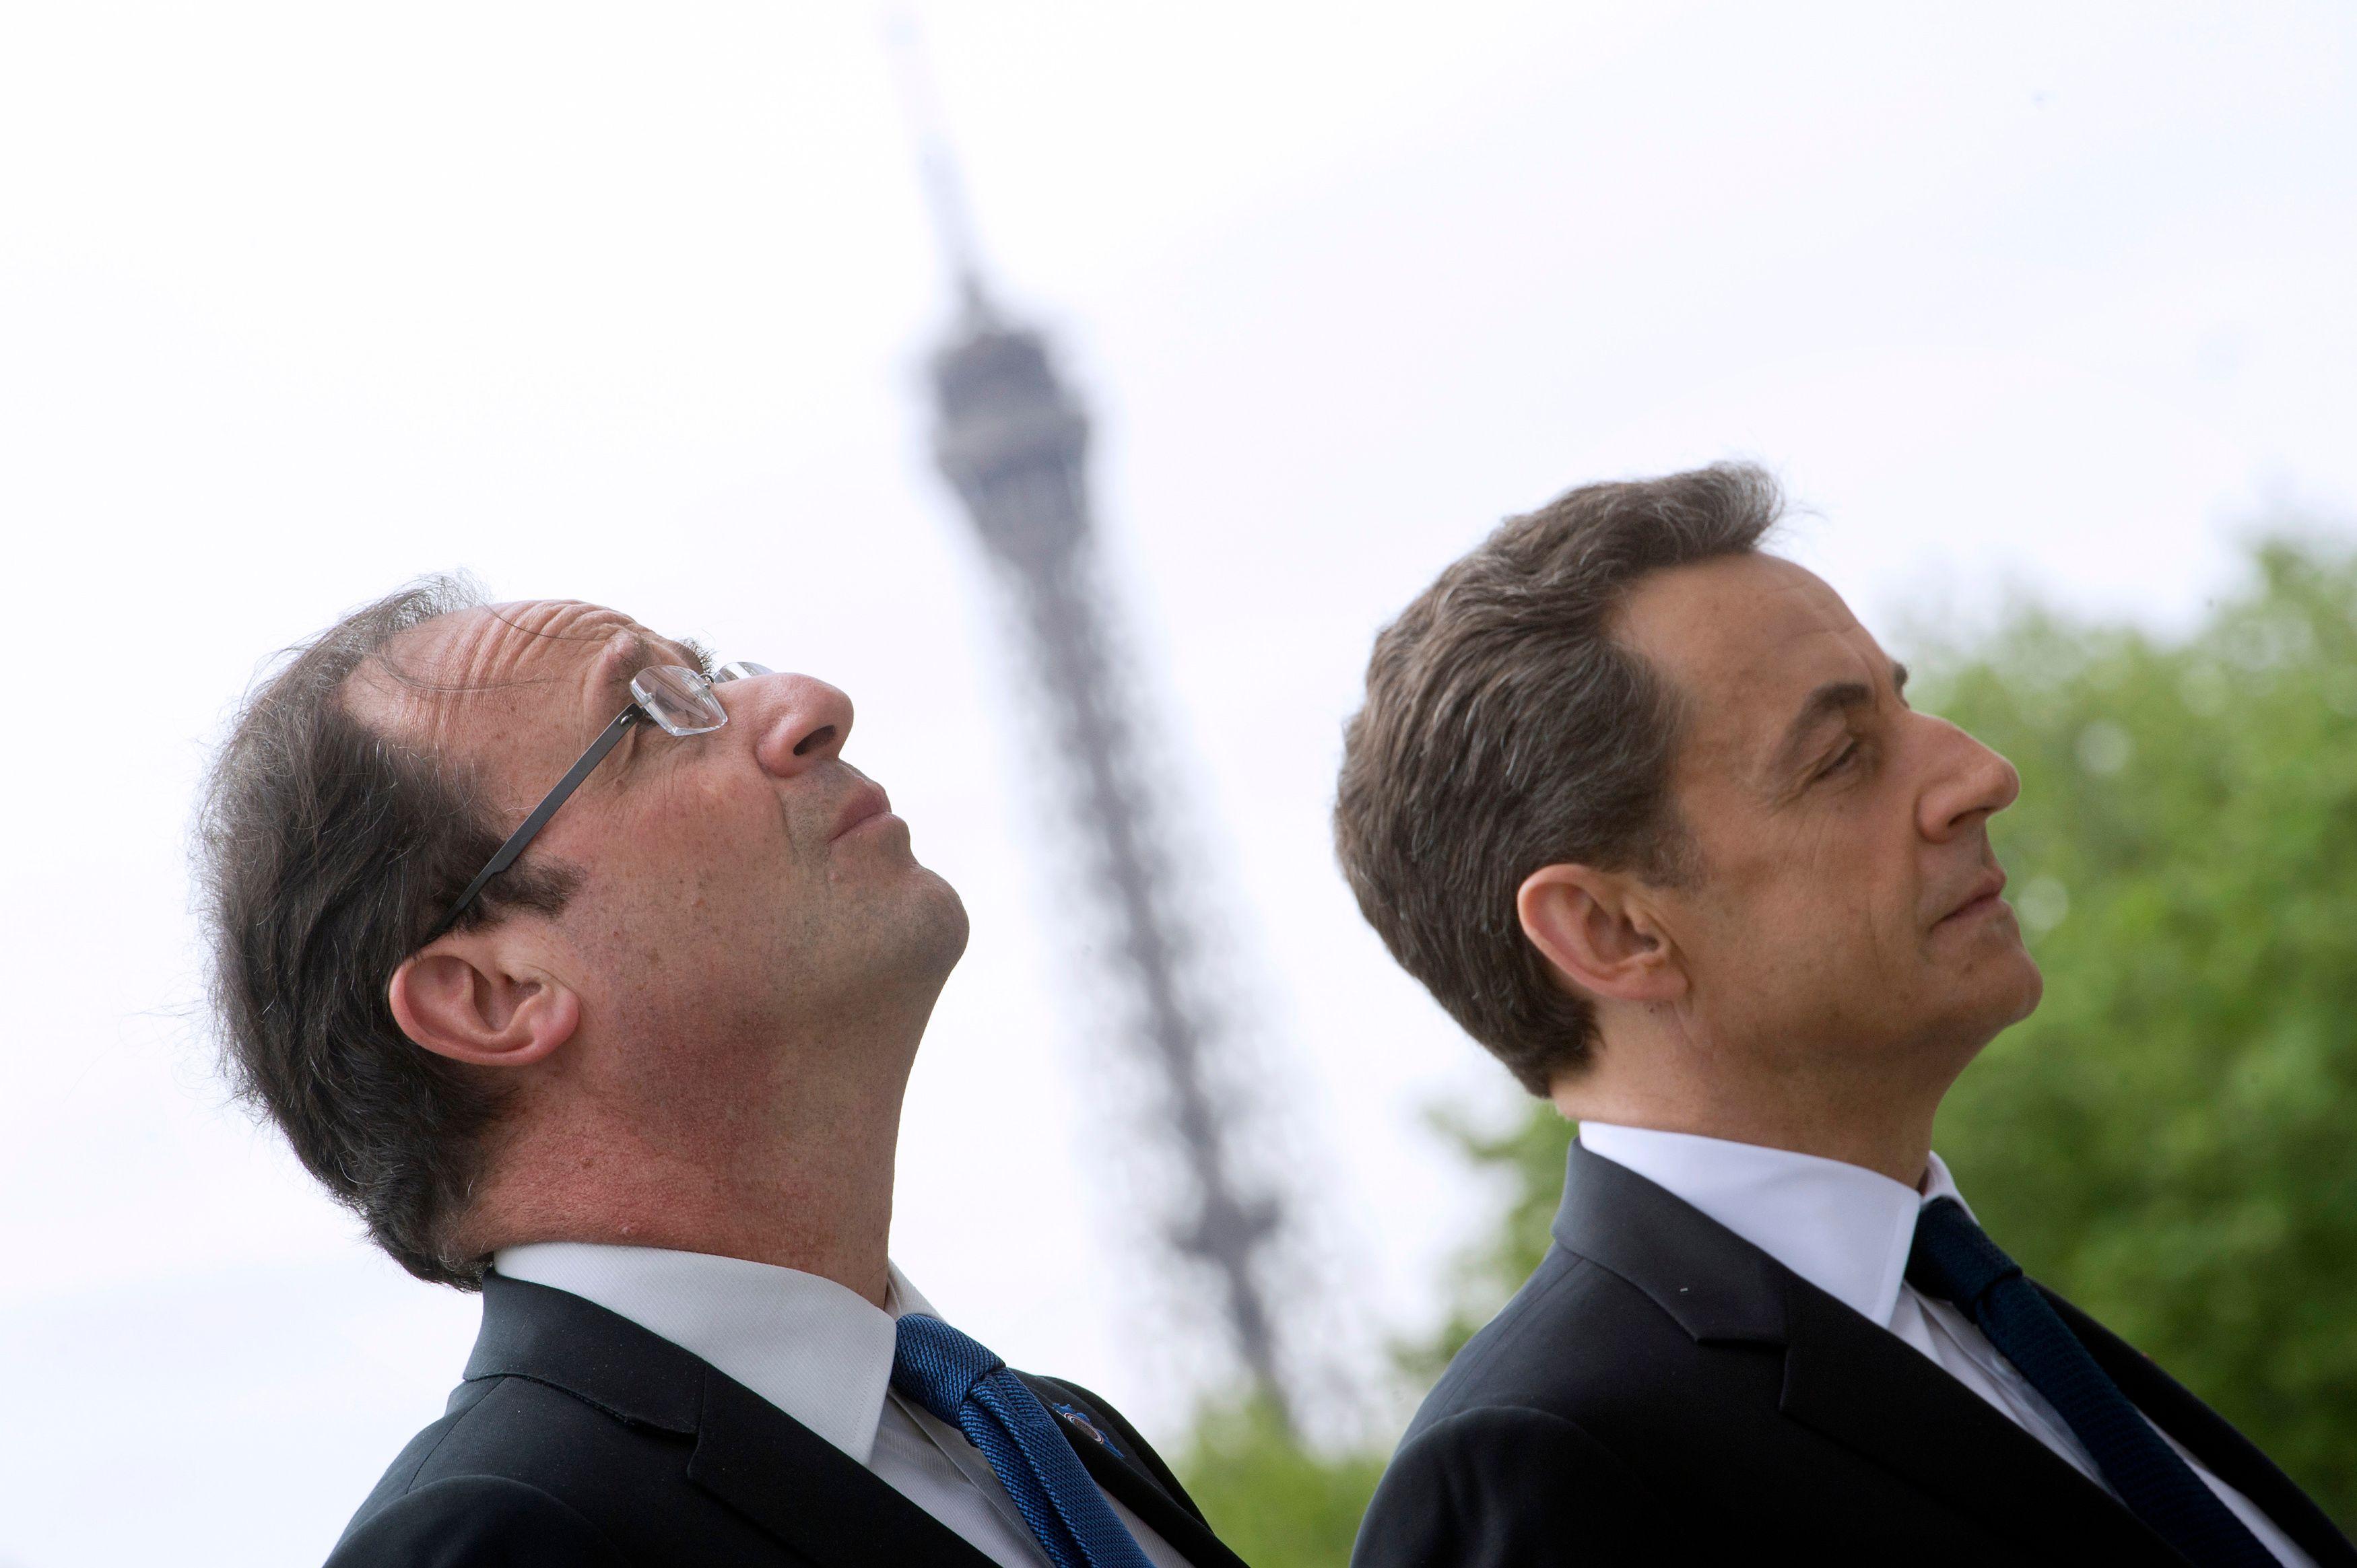 Le grand rejet : 73% des Français ne souhaitent en aucun cas que François Hollande ne soit élu, 66% Nicolas Sarkozy, 63% Marine Le Pen